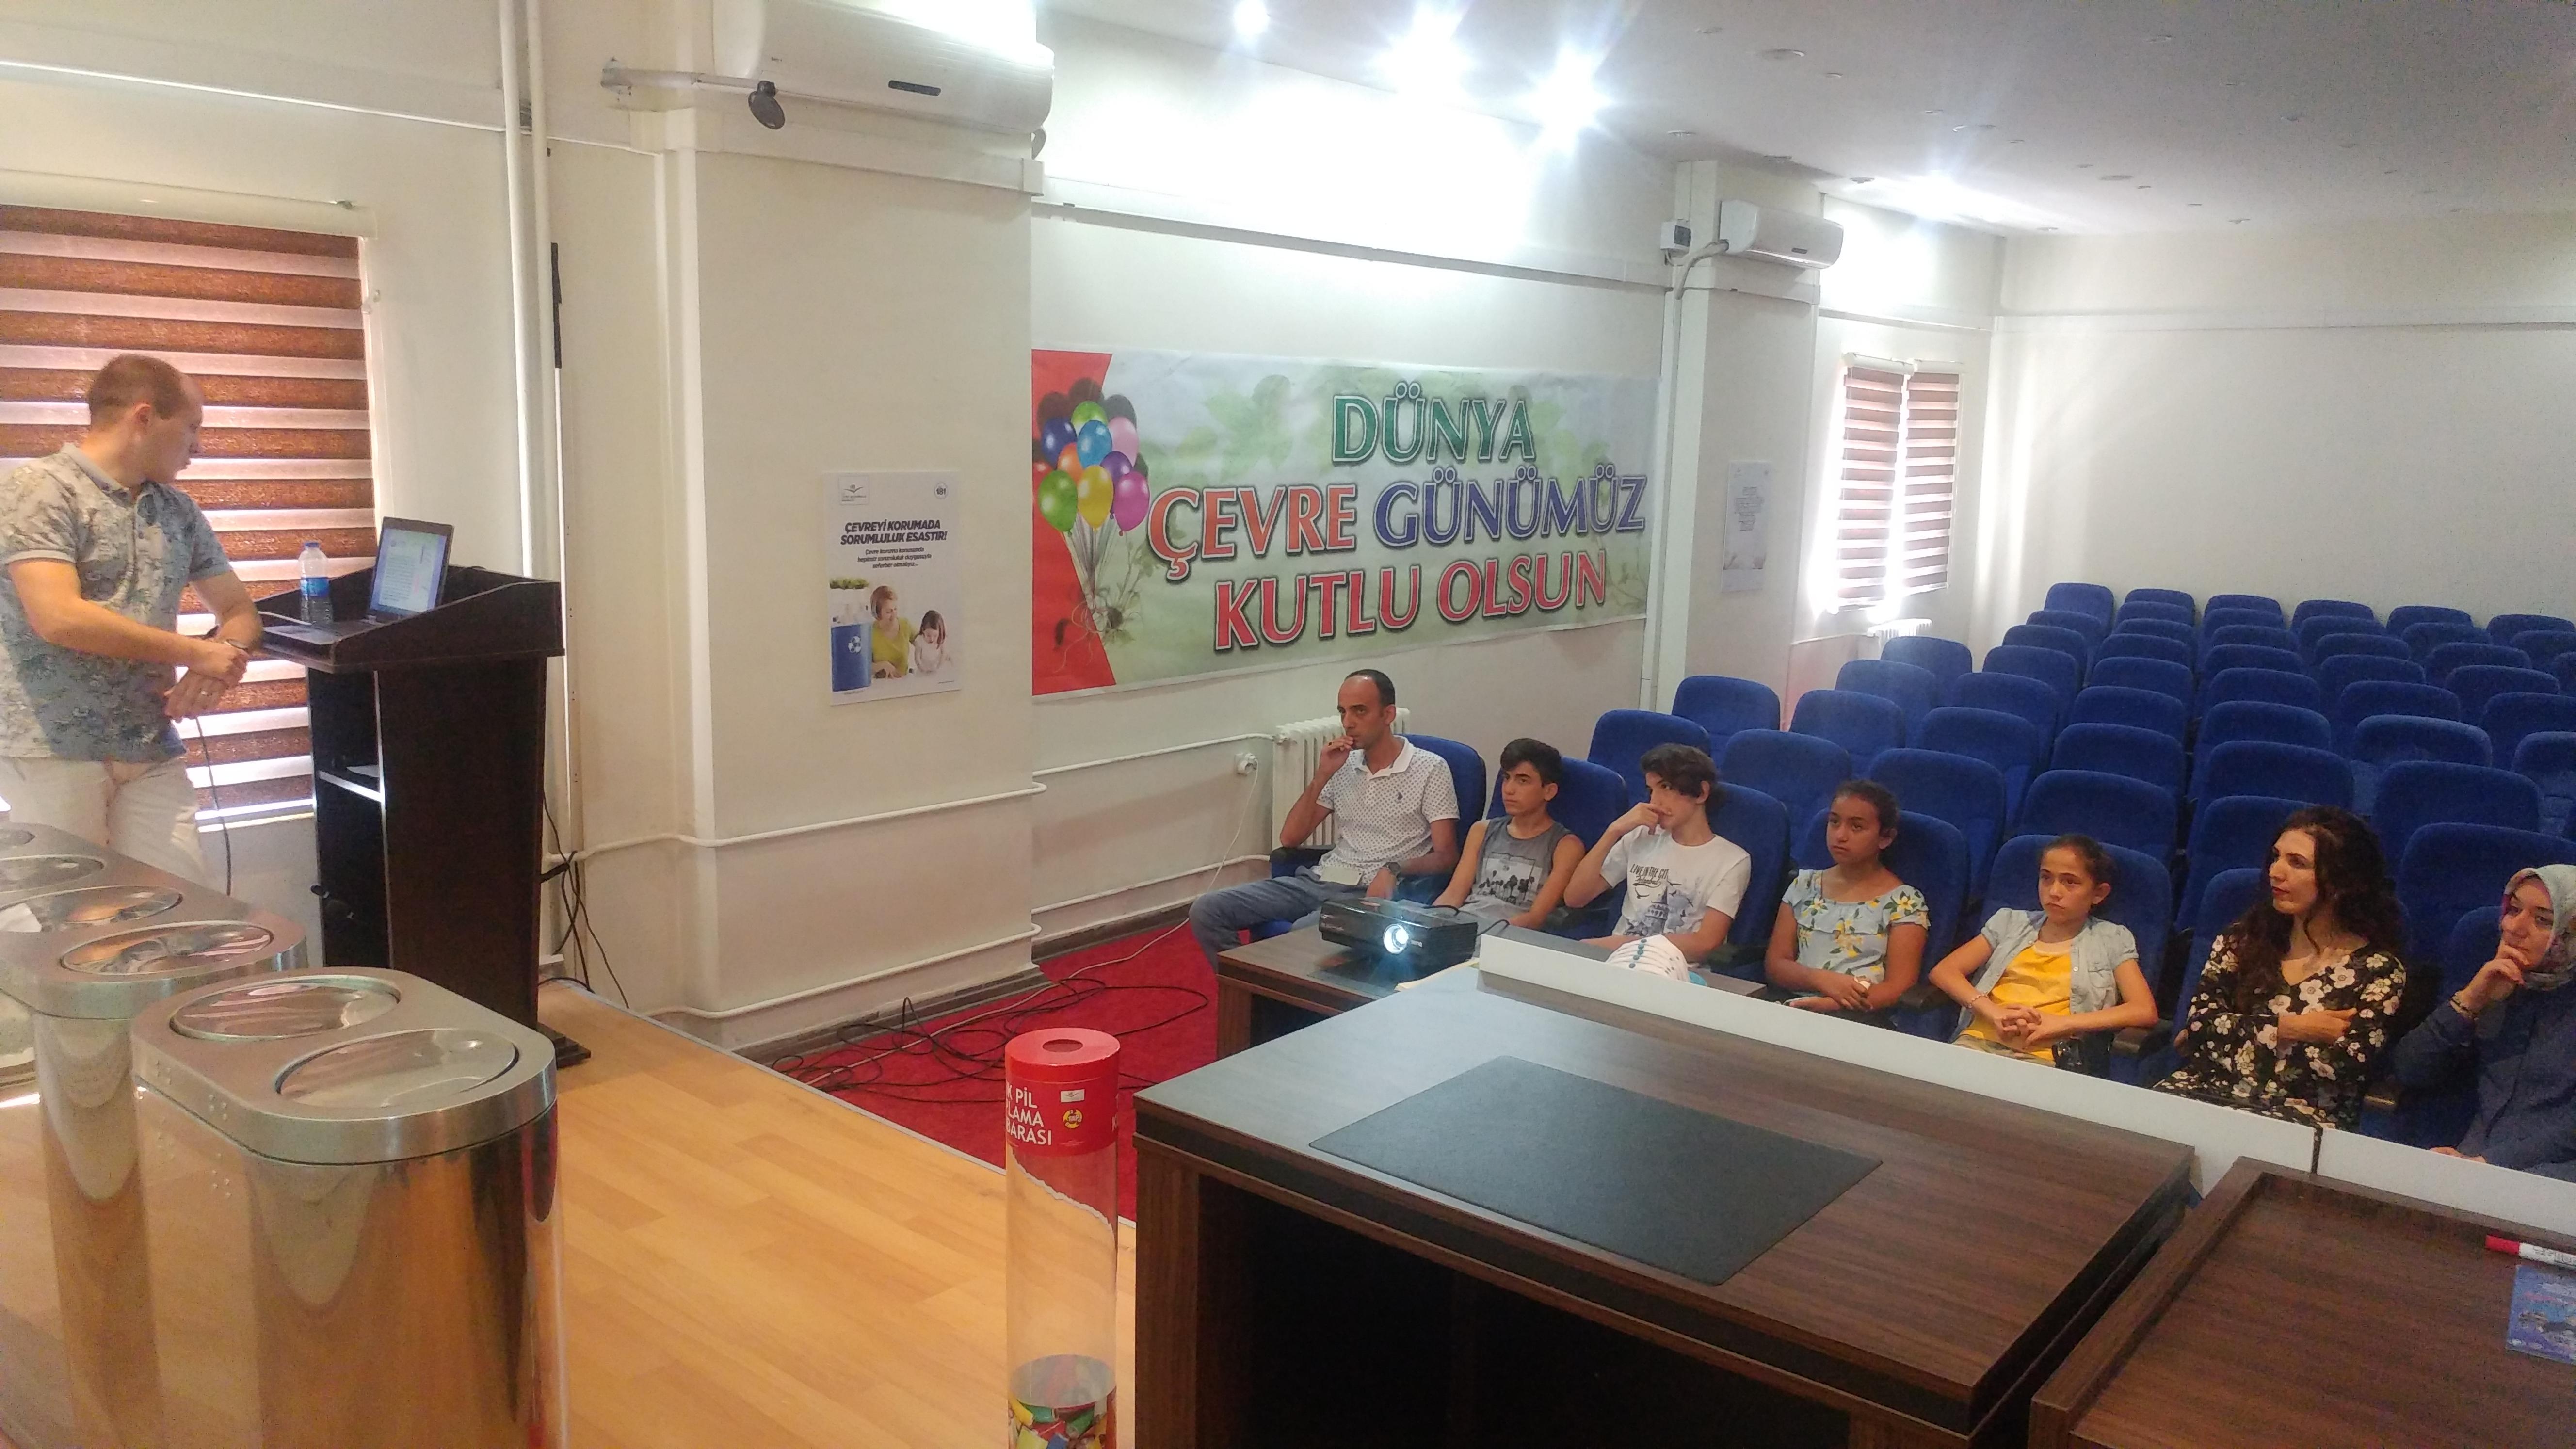 Çocuk hakları temsilcisi çocuklara